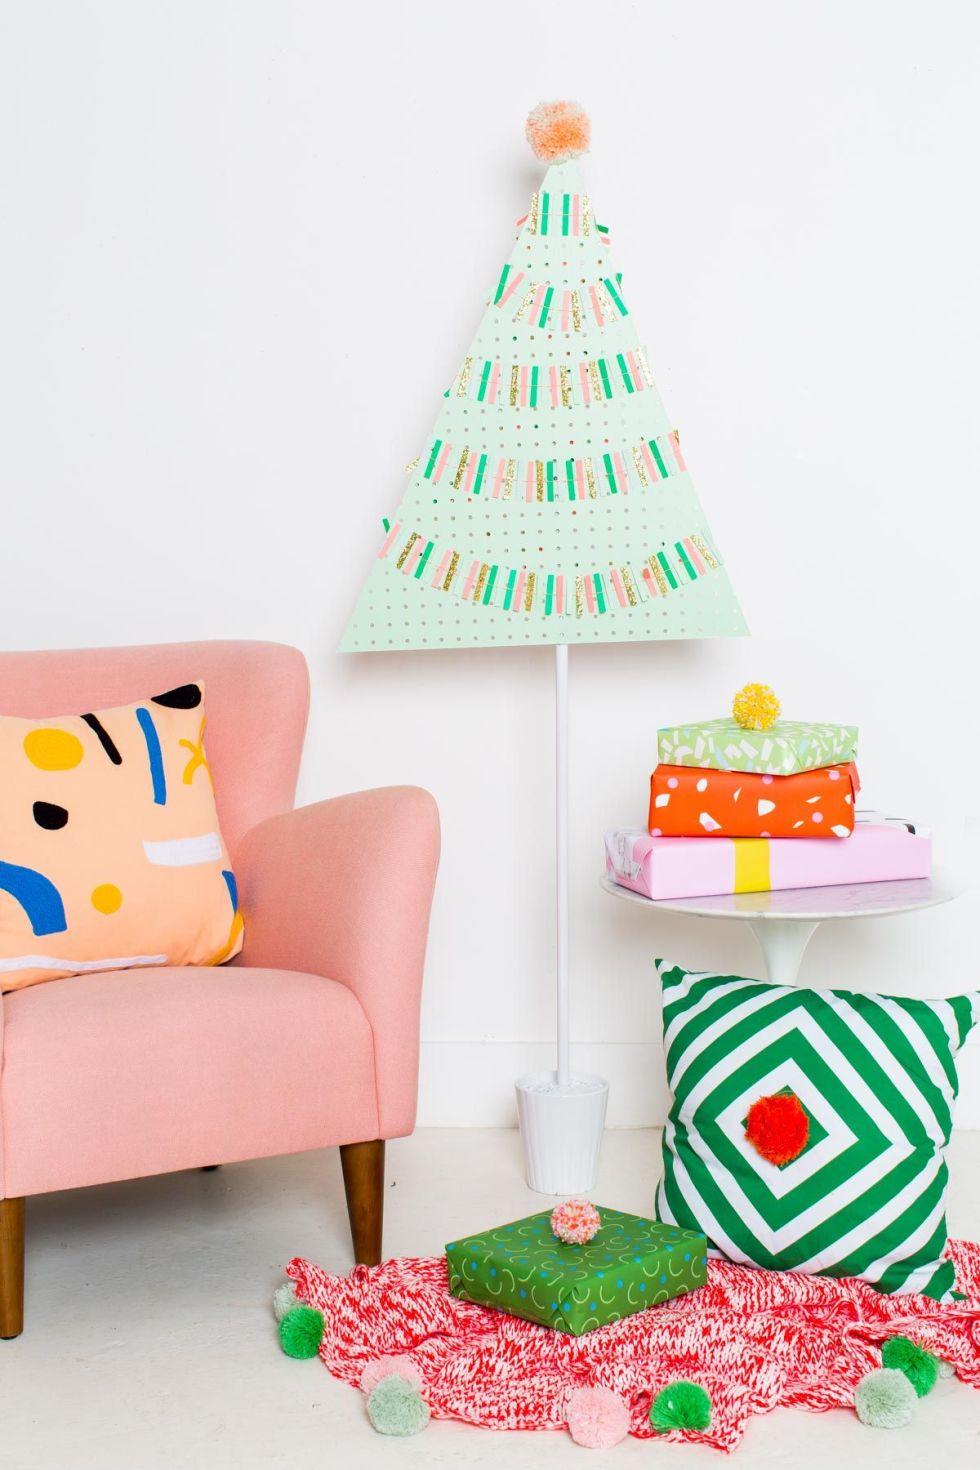 Arbre de Noël, produit, décorations de Noël, prix, meubles, table, design d'intérieur, design d'intérieur, décoration, maison,